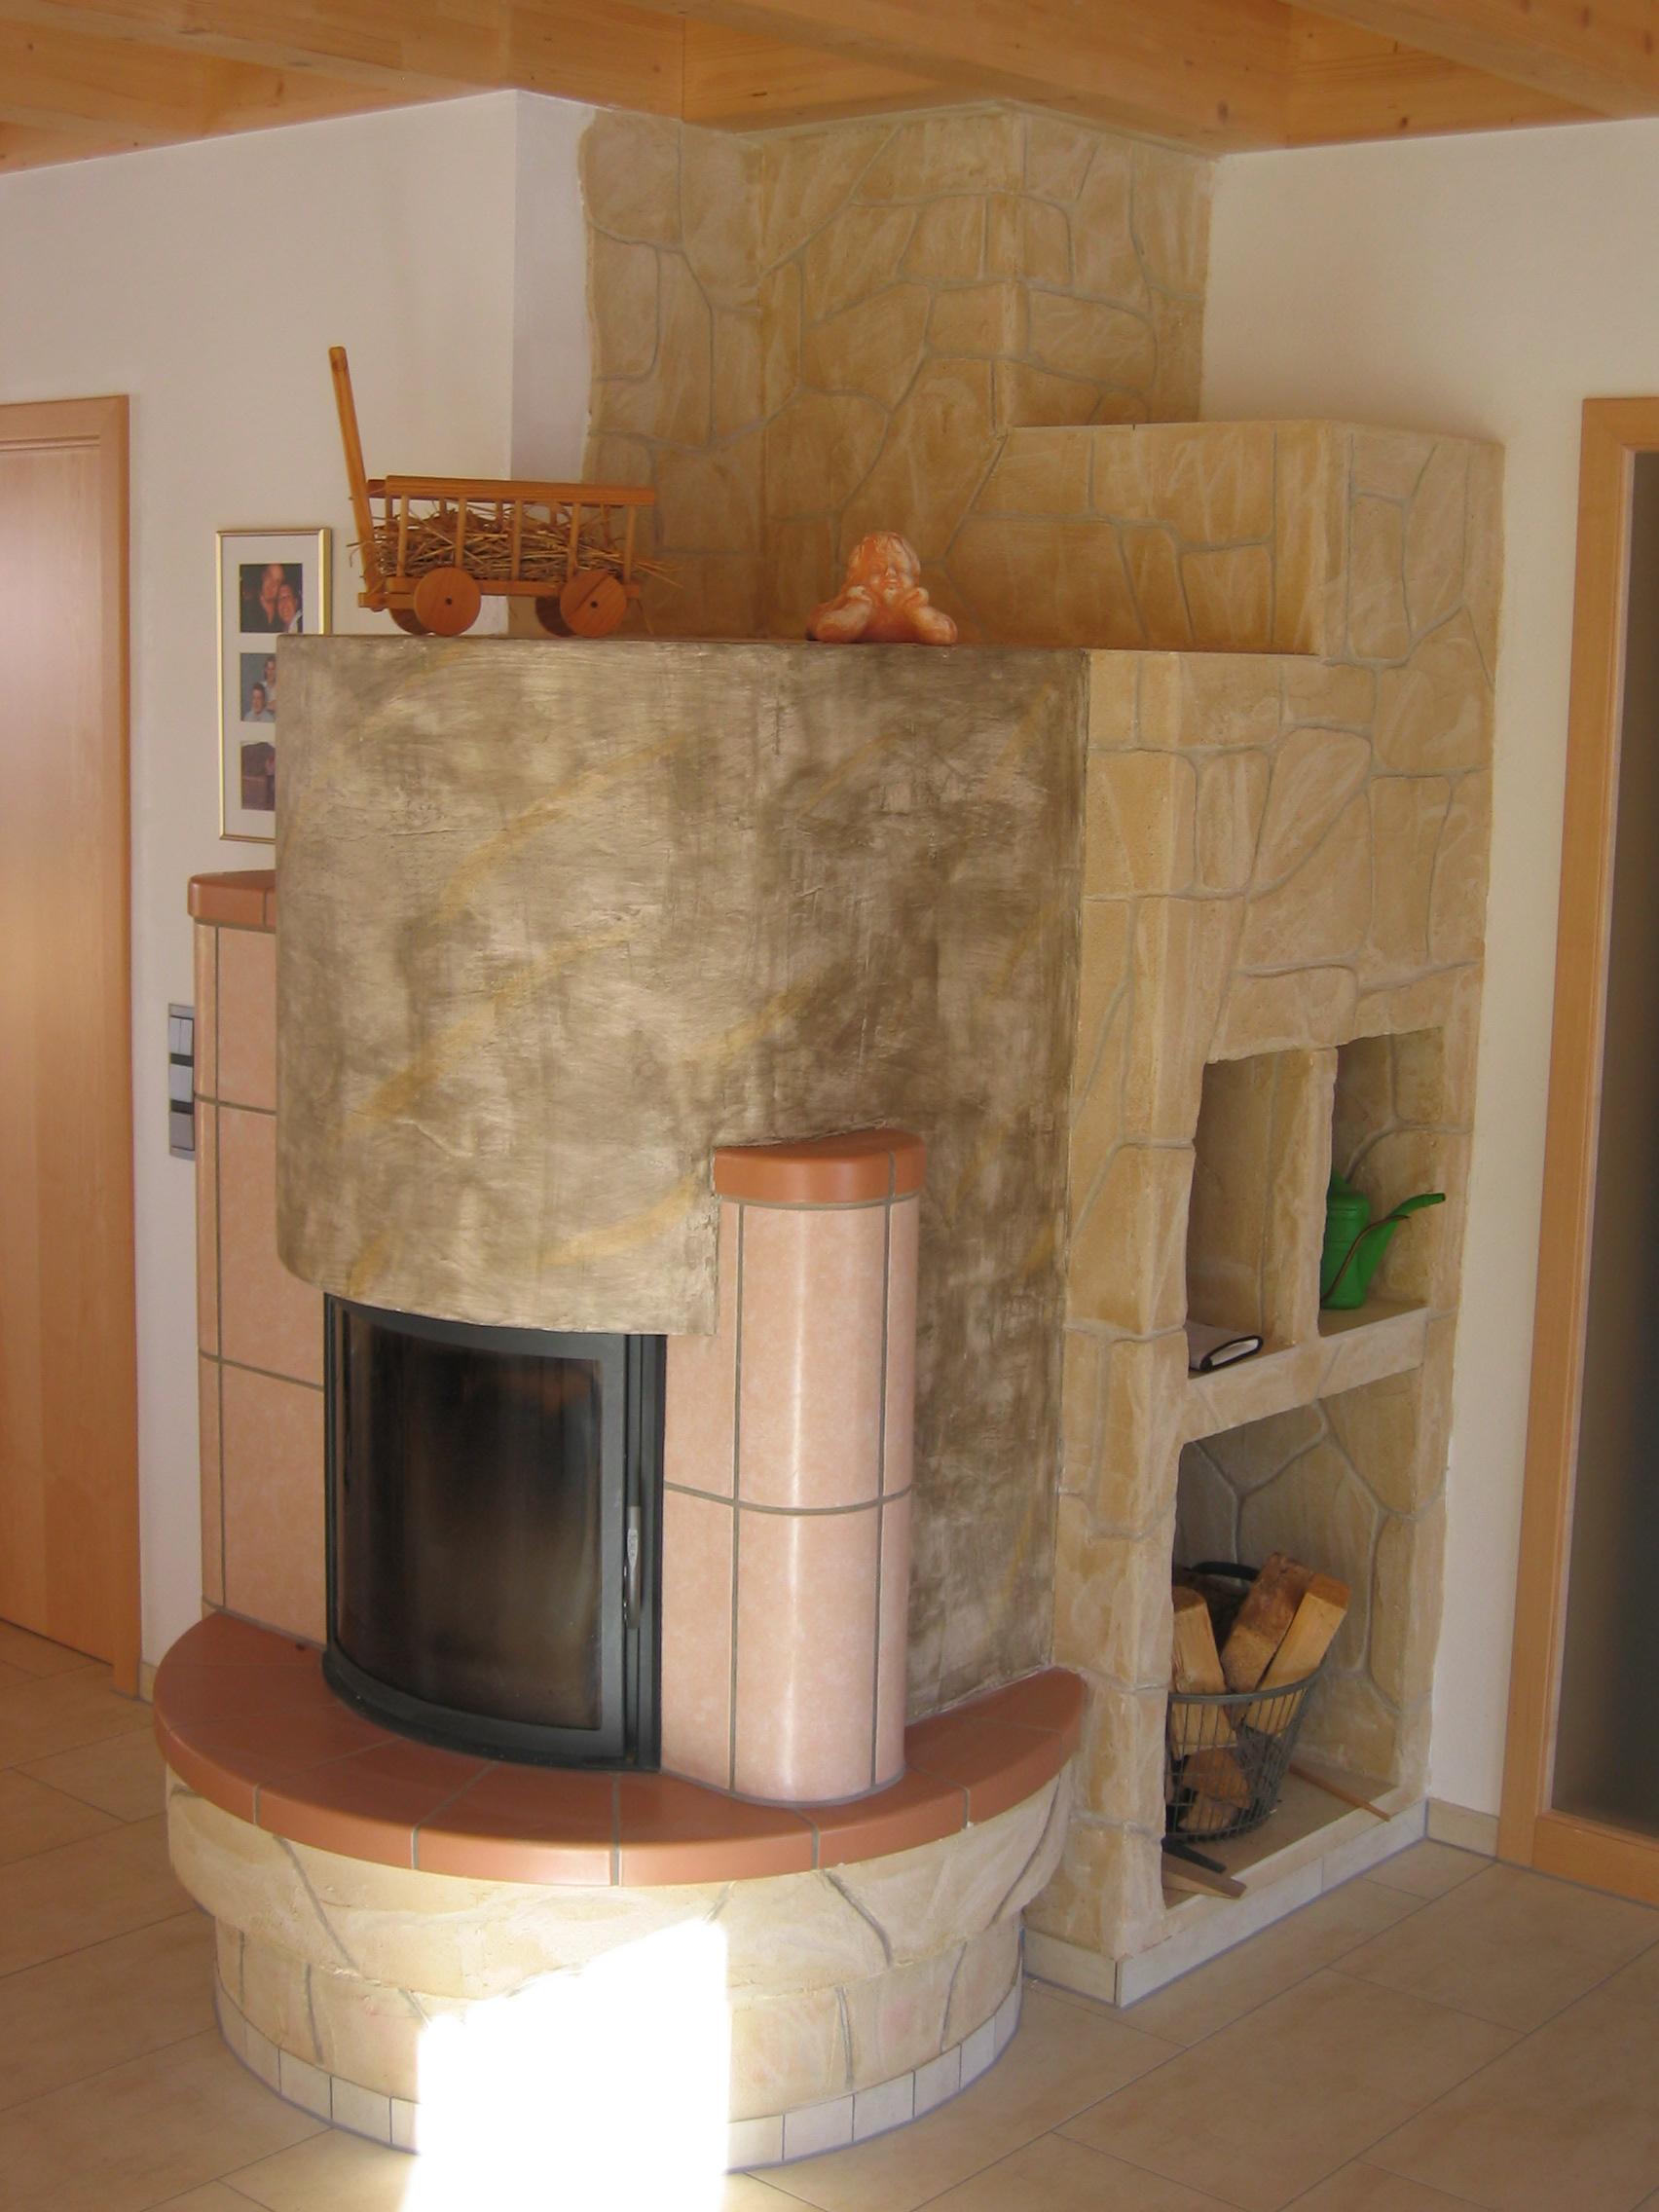 Esszimmer Wandgestaltung Stein: Wandgestaltung wohnzimmer stein ...